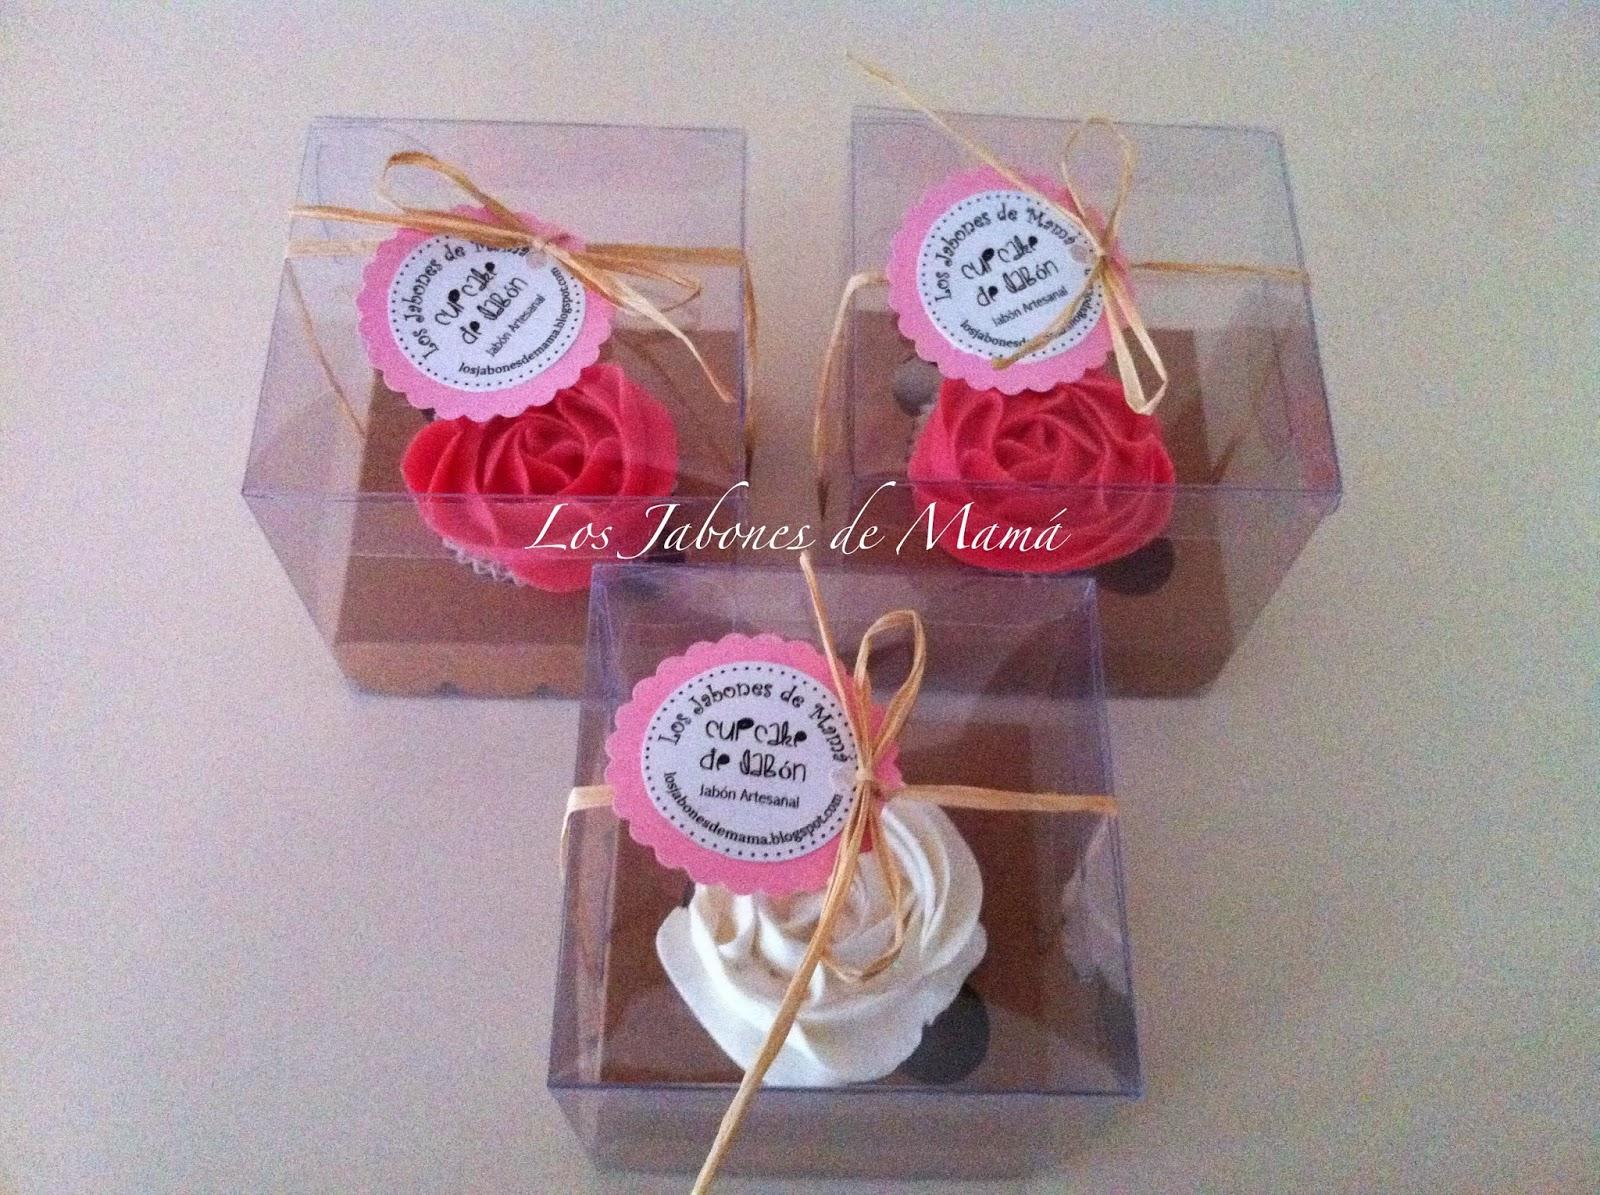 Los jabones de mam regalo de navidad cupcake en caja - Regalos de navidad para mama ...